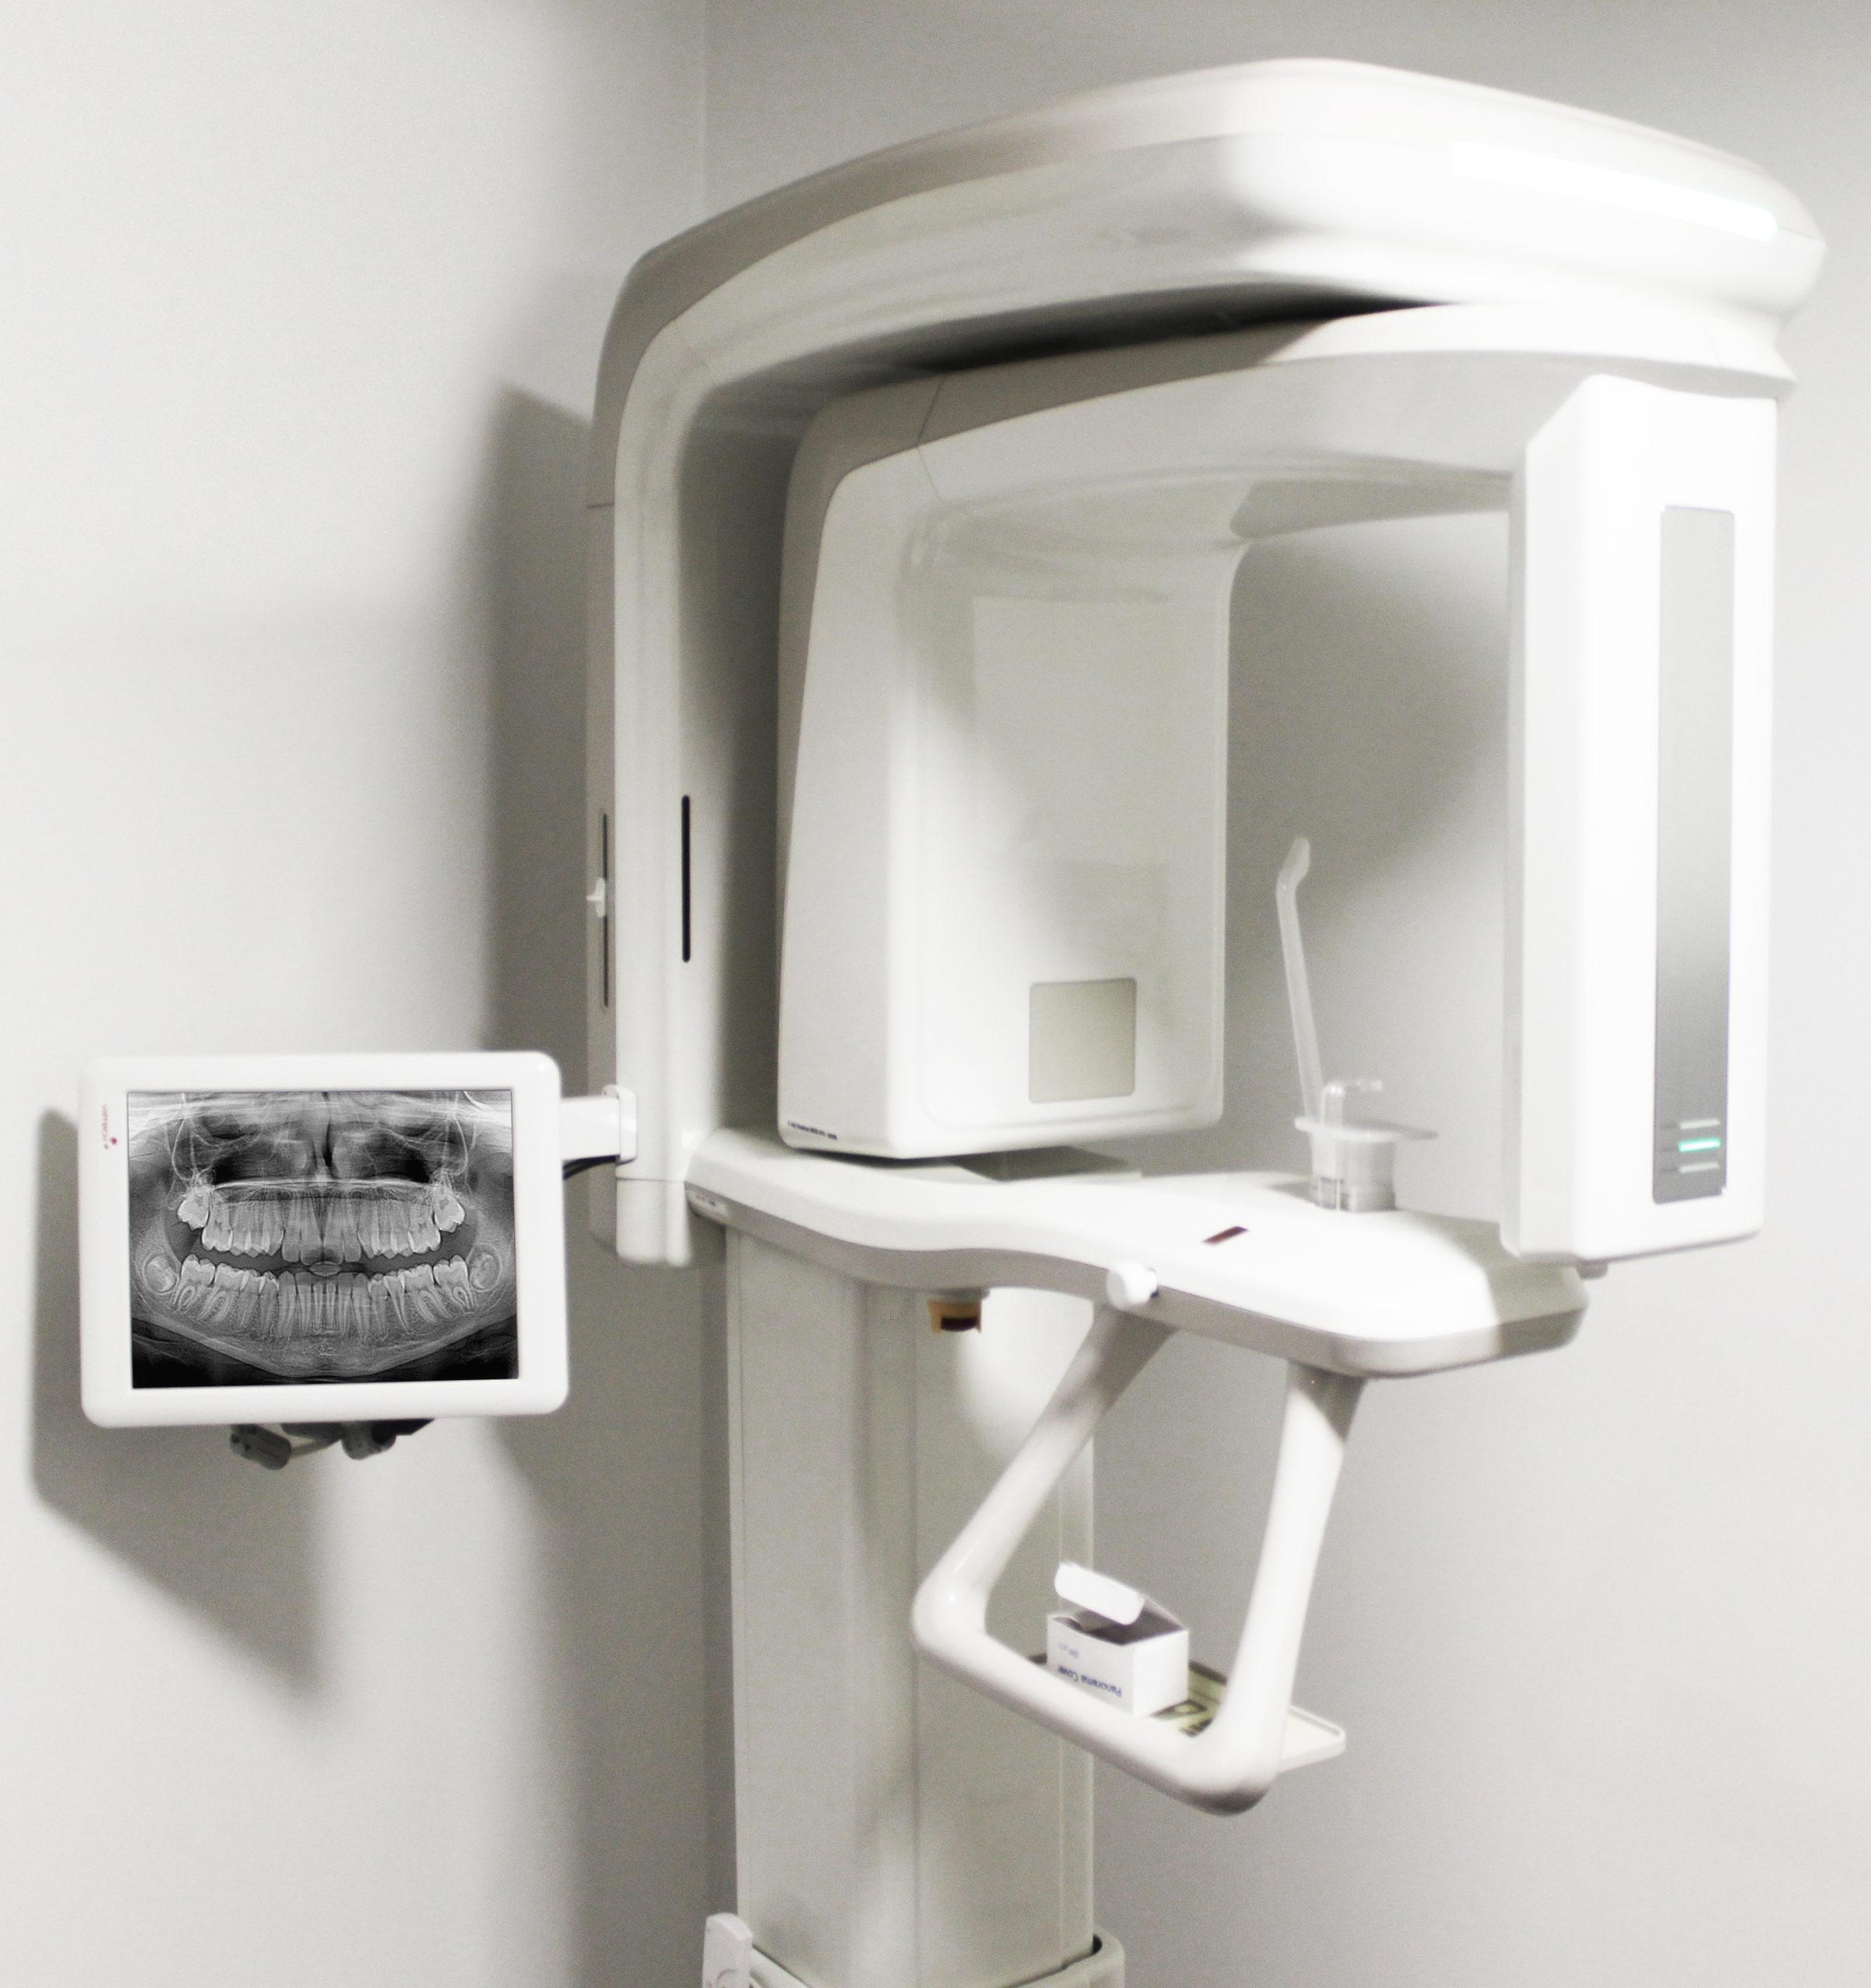 Panoramico digital para clinica dental